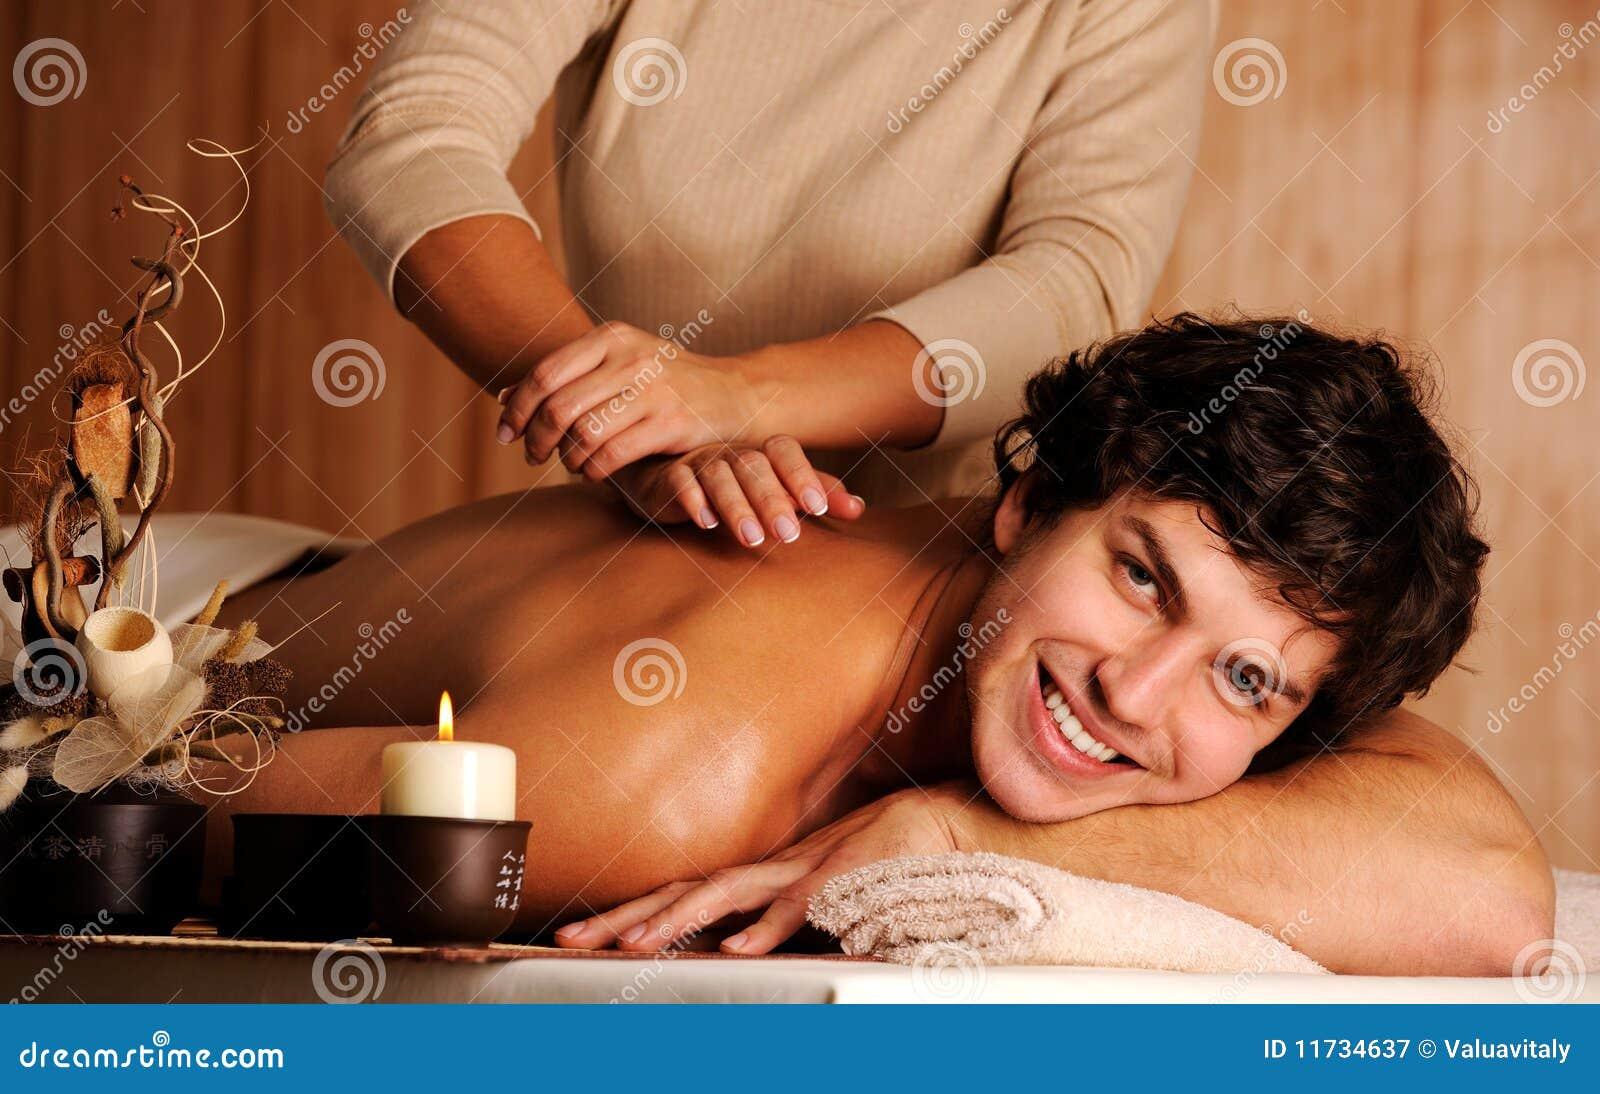 Развлечения взрослых массаж 22 фотография